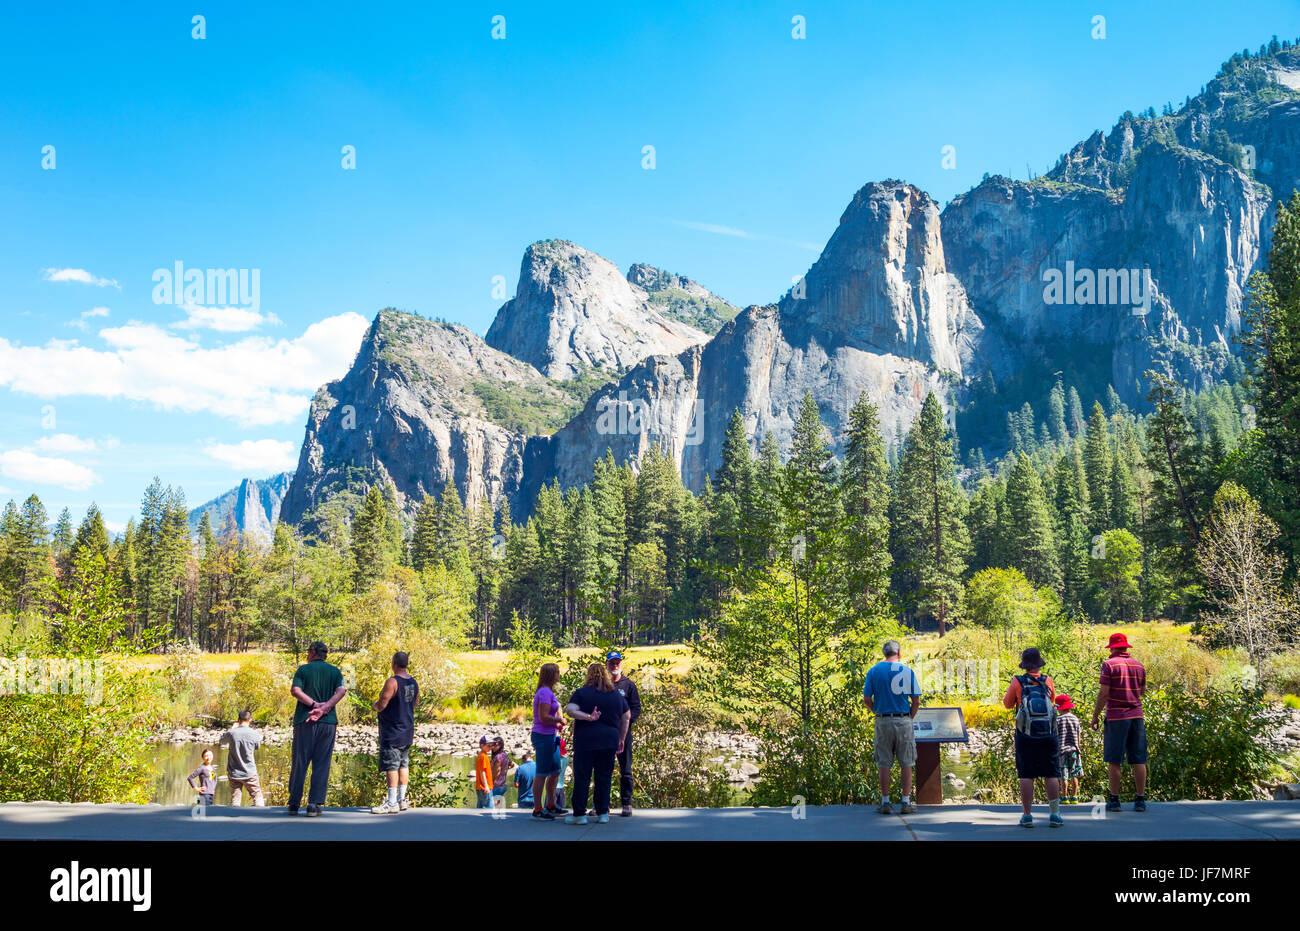 El parque de Yosemite, EE.UU., turistas mirando a las torres de la Catedral las montañas Imagen De Stock